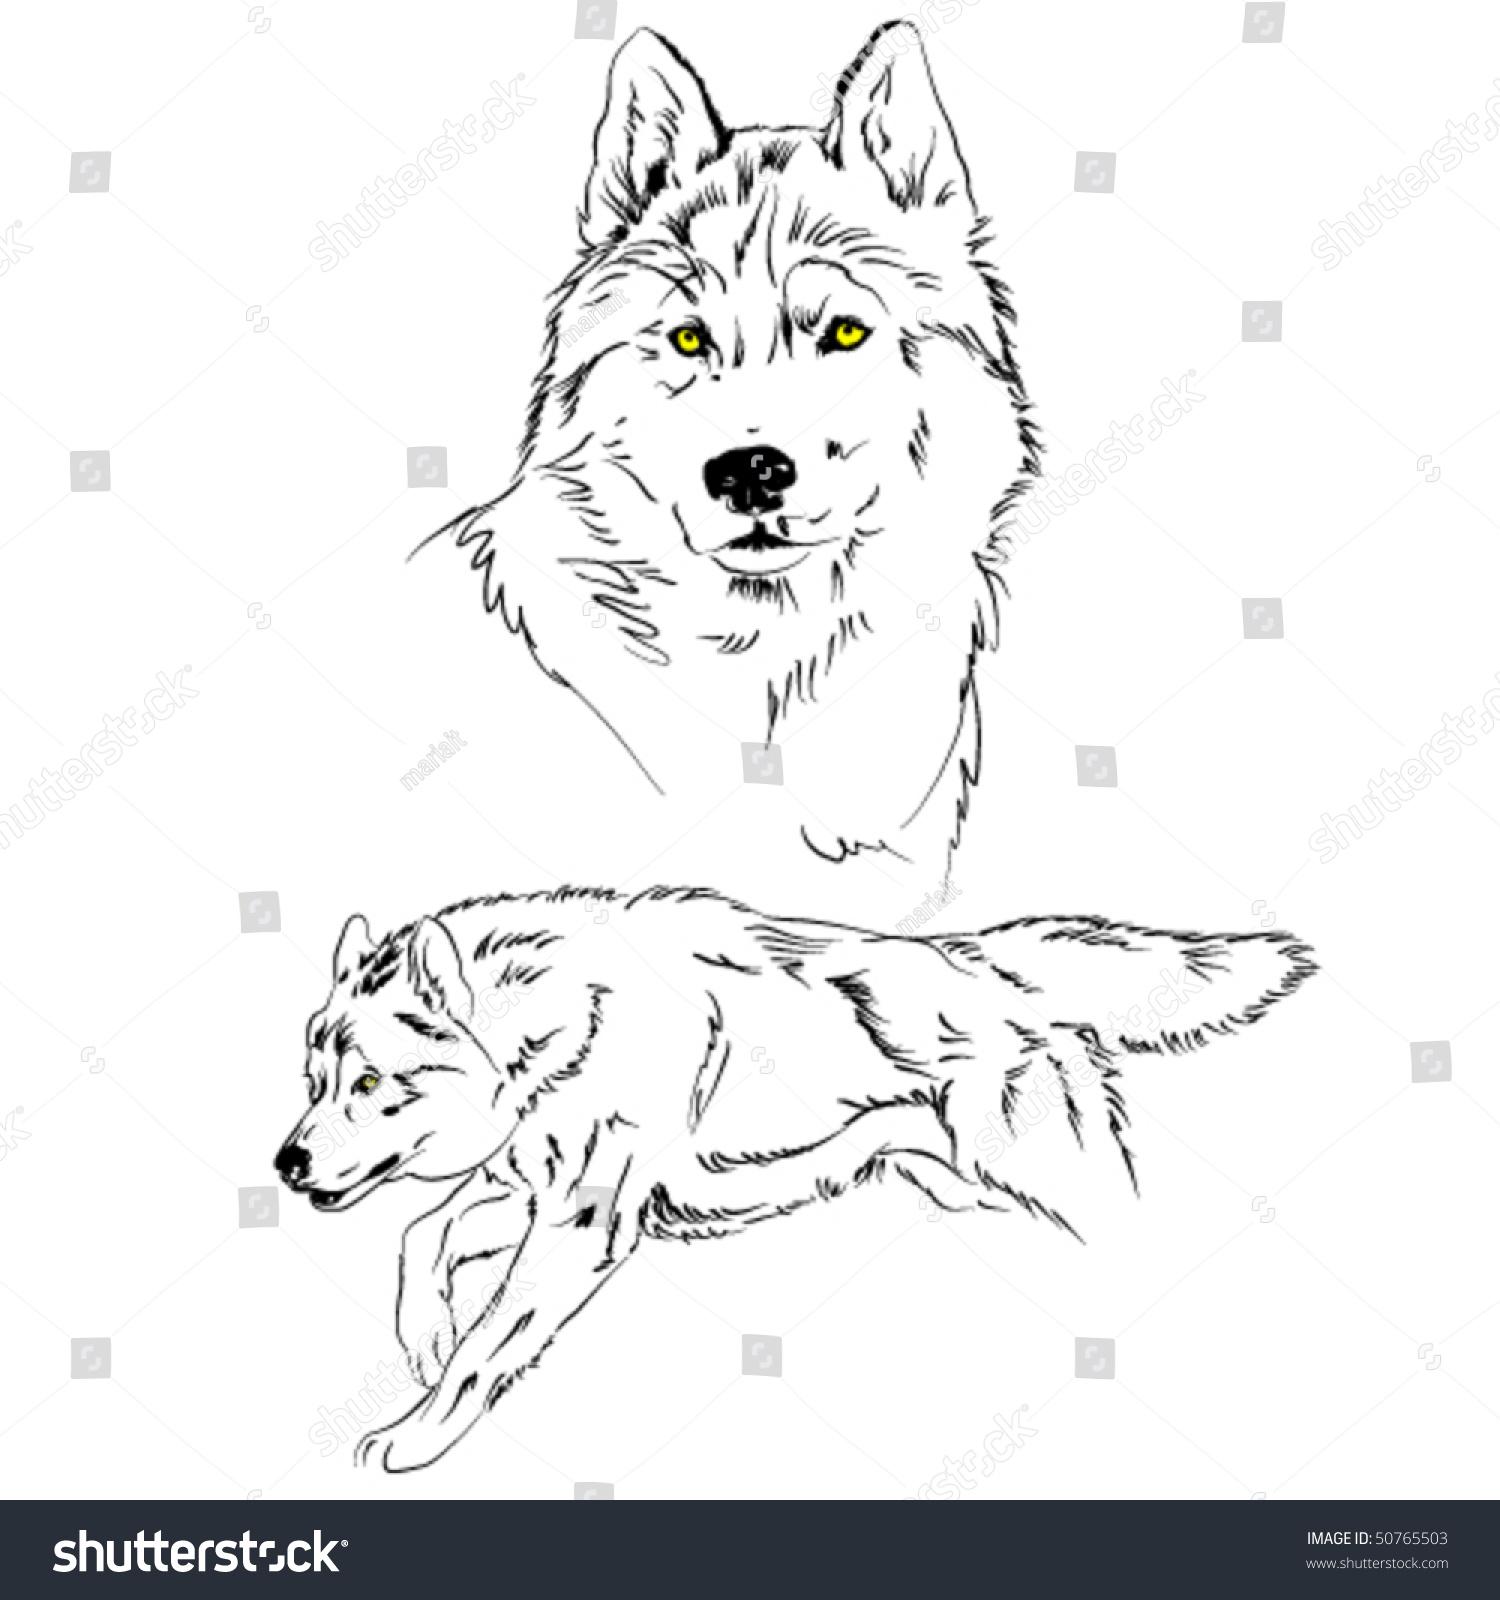 向量狼草图-动物/野生生物,插图/剪贴图-海洛创意()-.